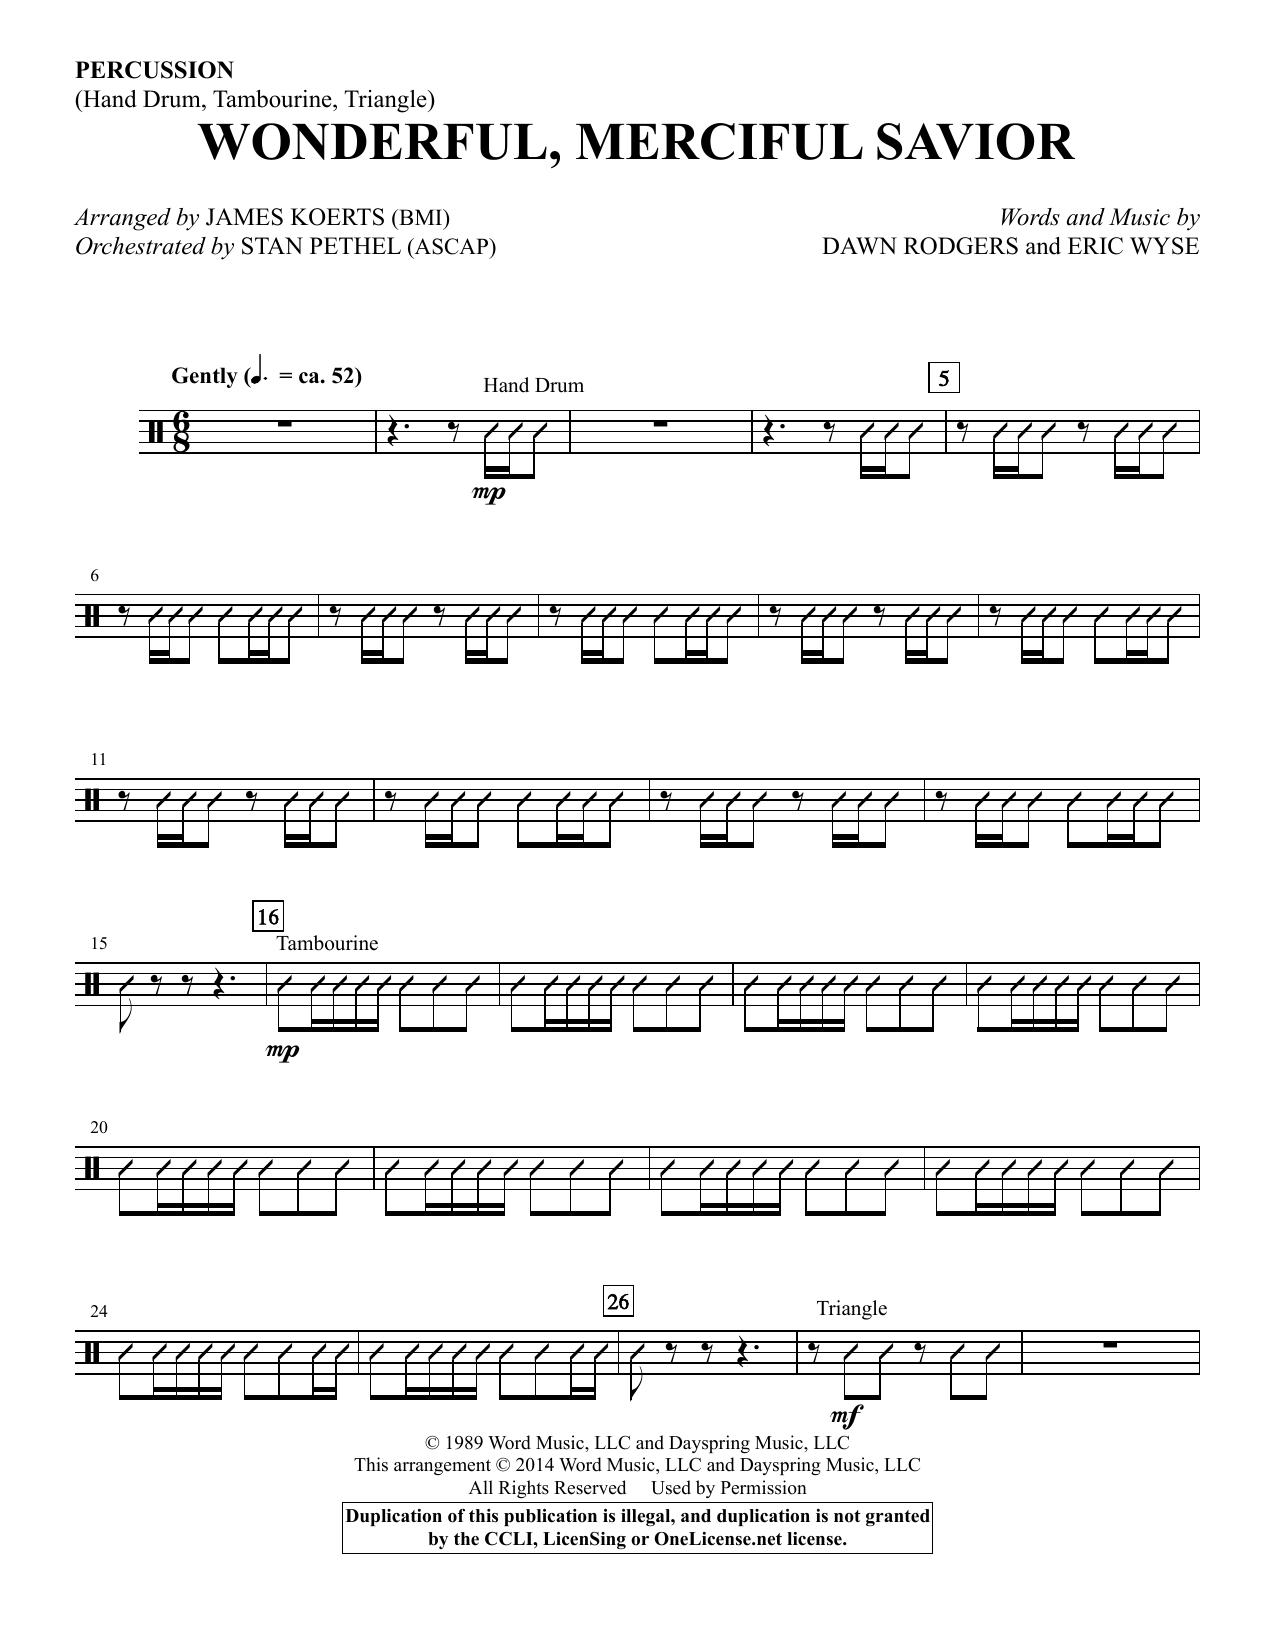 Wonderful, Merciful Savior - Percussion Sheet Music